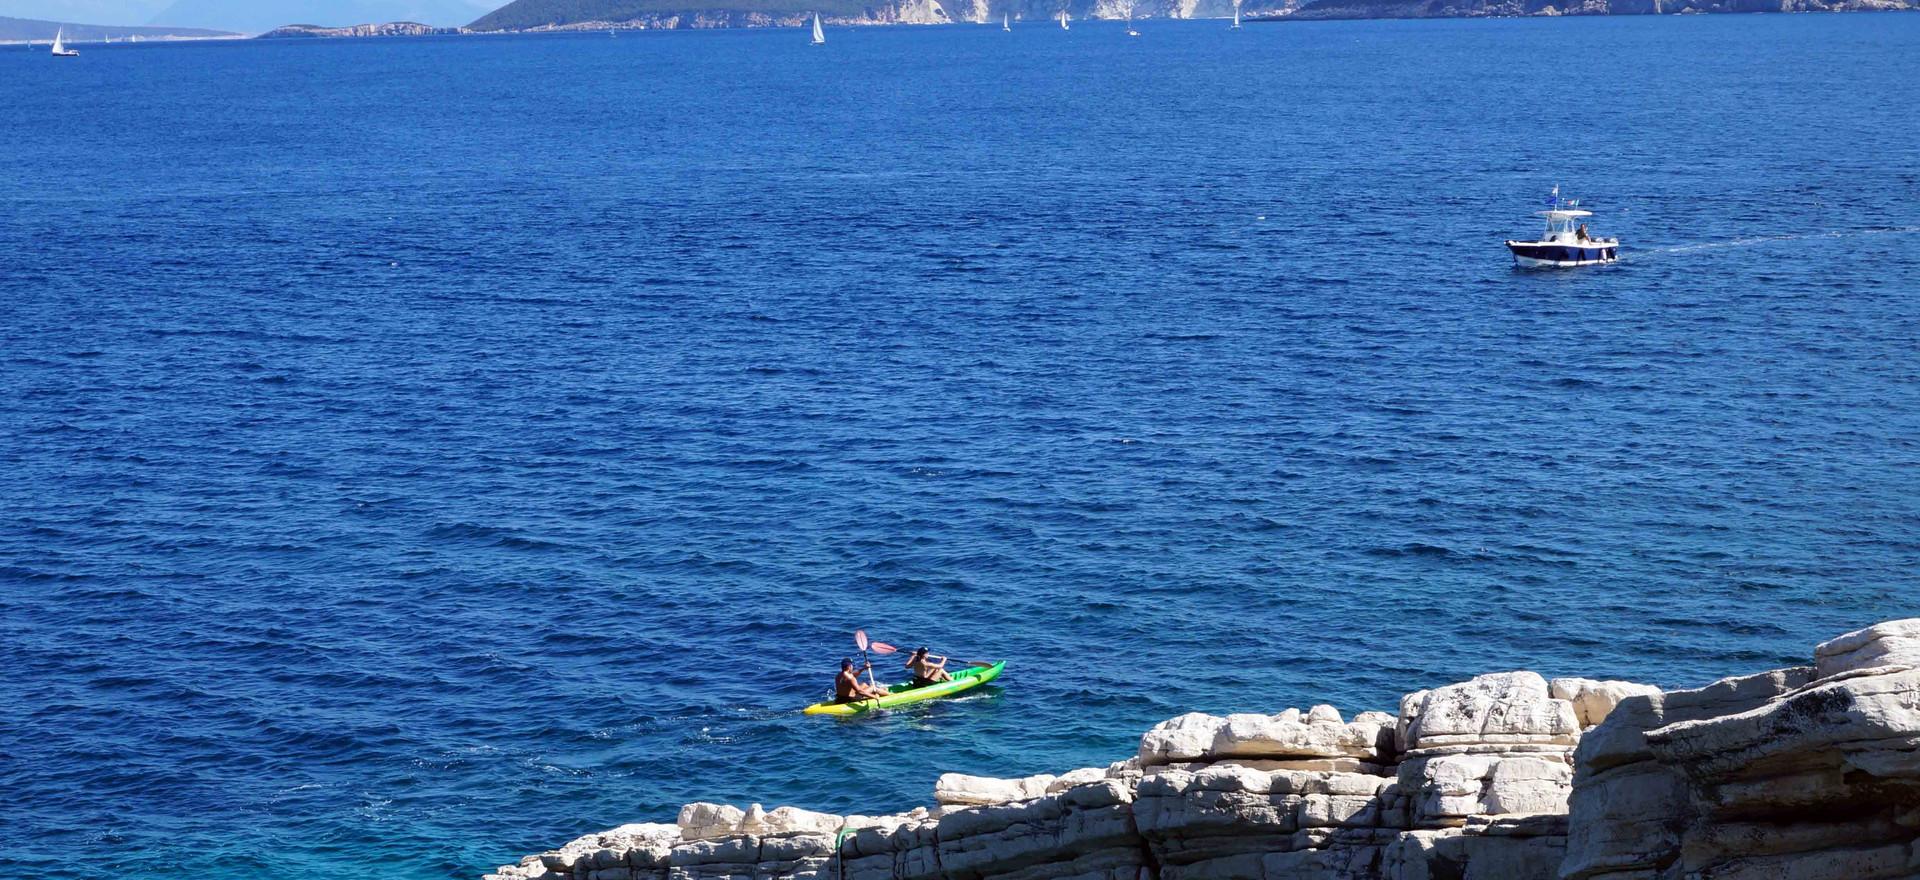 Sea kayaking in the Ionian Sea